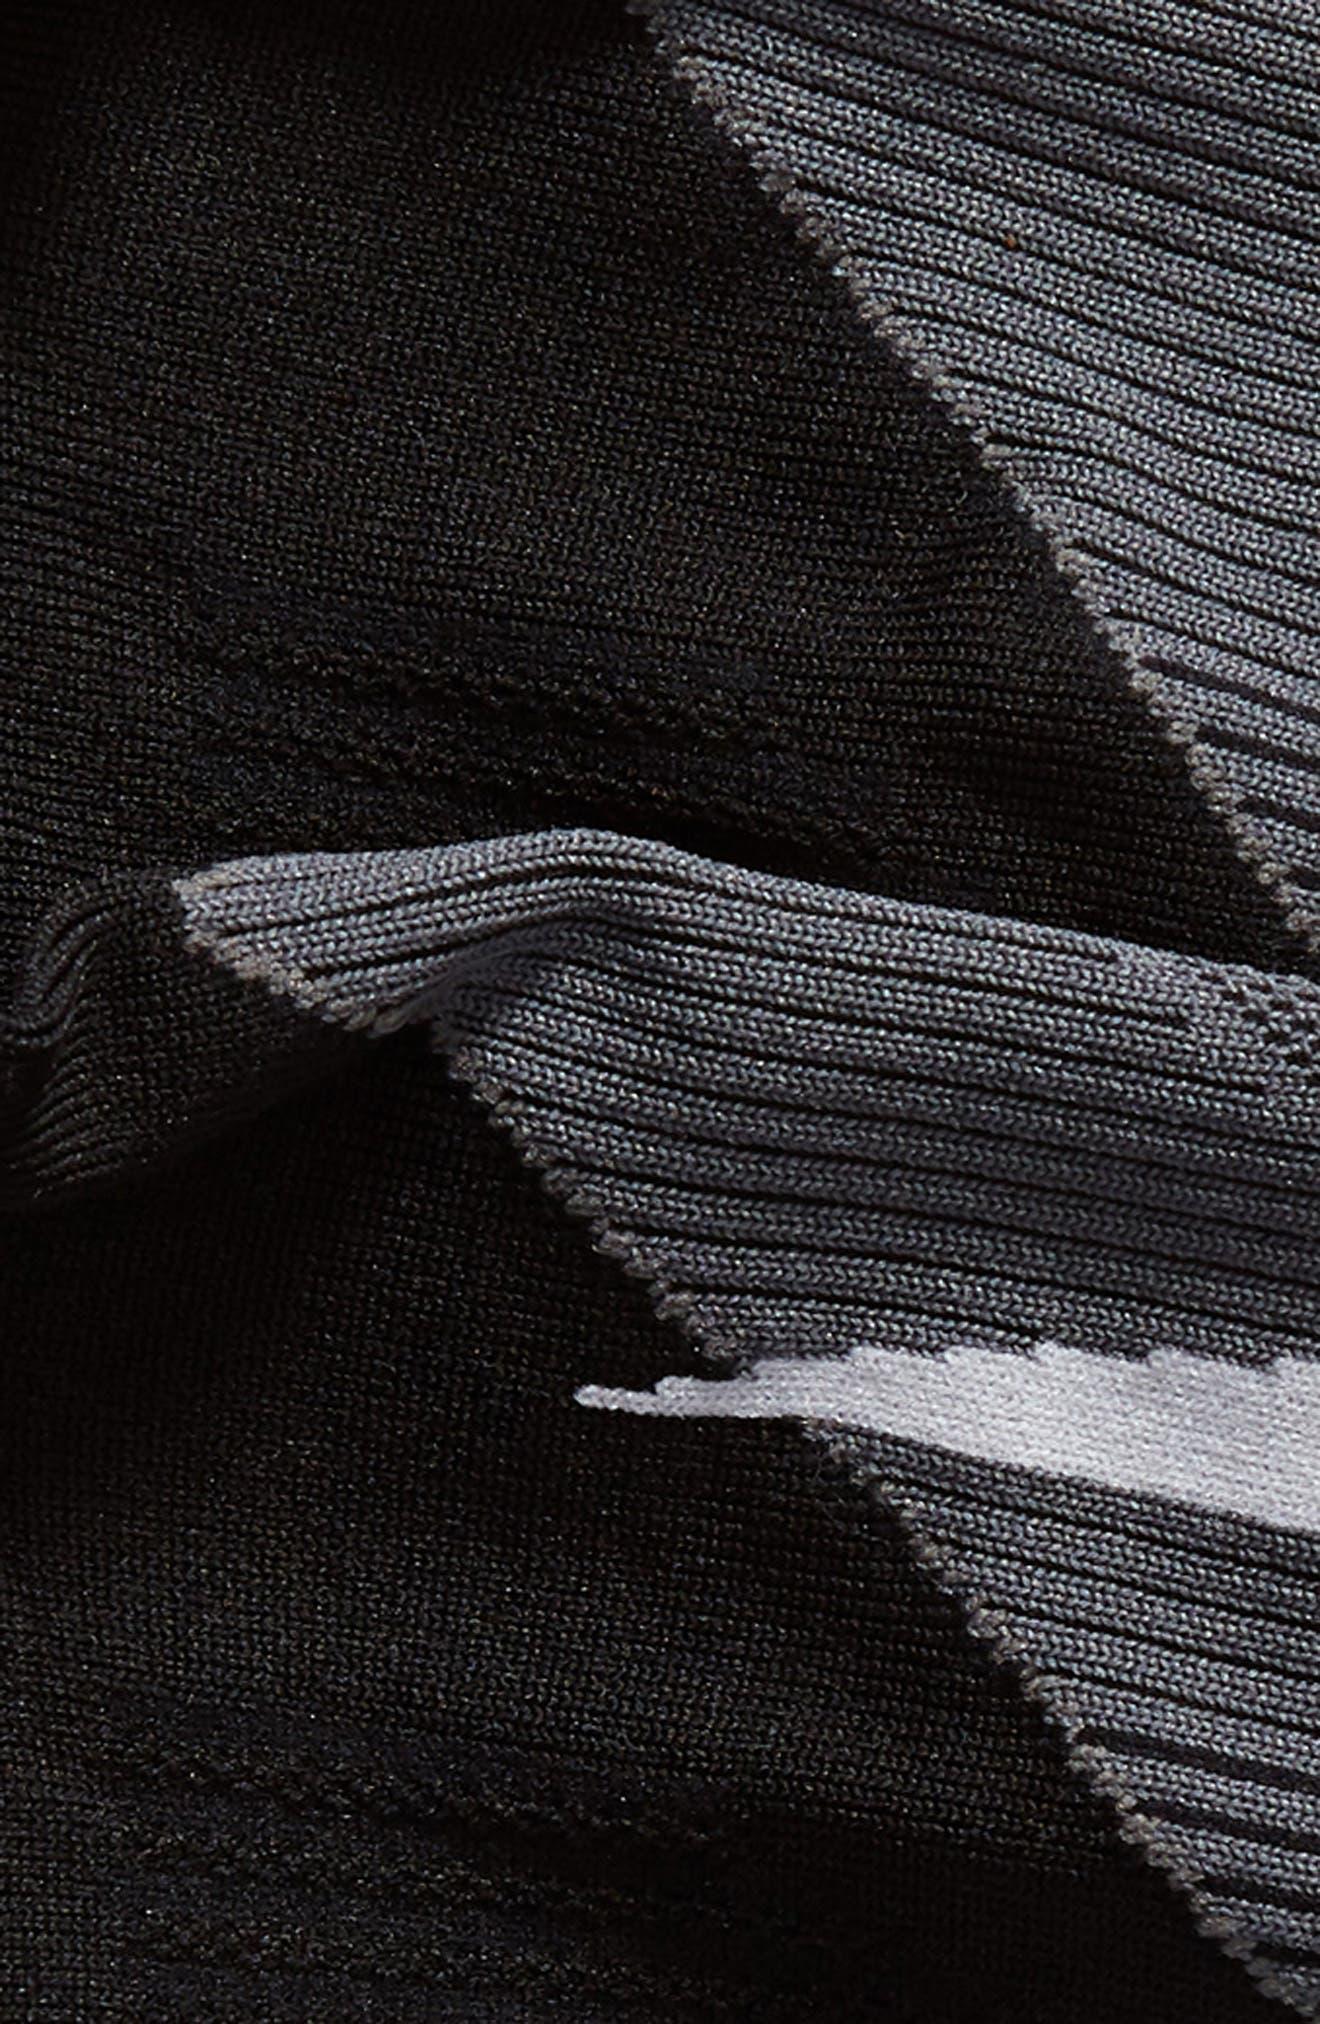 Elite Lightweight No-Show Socks,                             Alternate thumbnail 4, color,                             BLACK/ WHITE